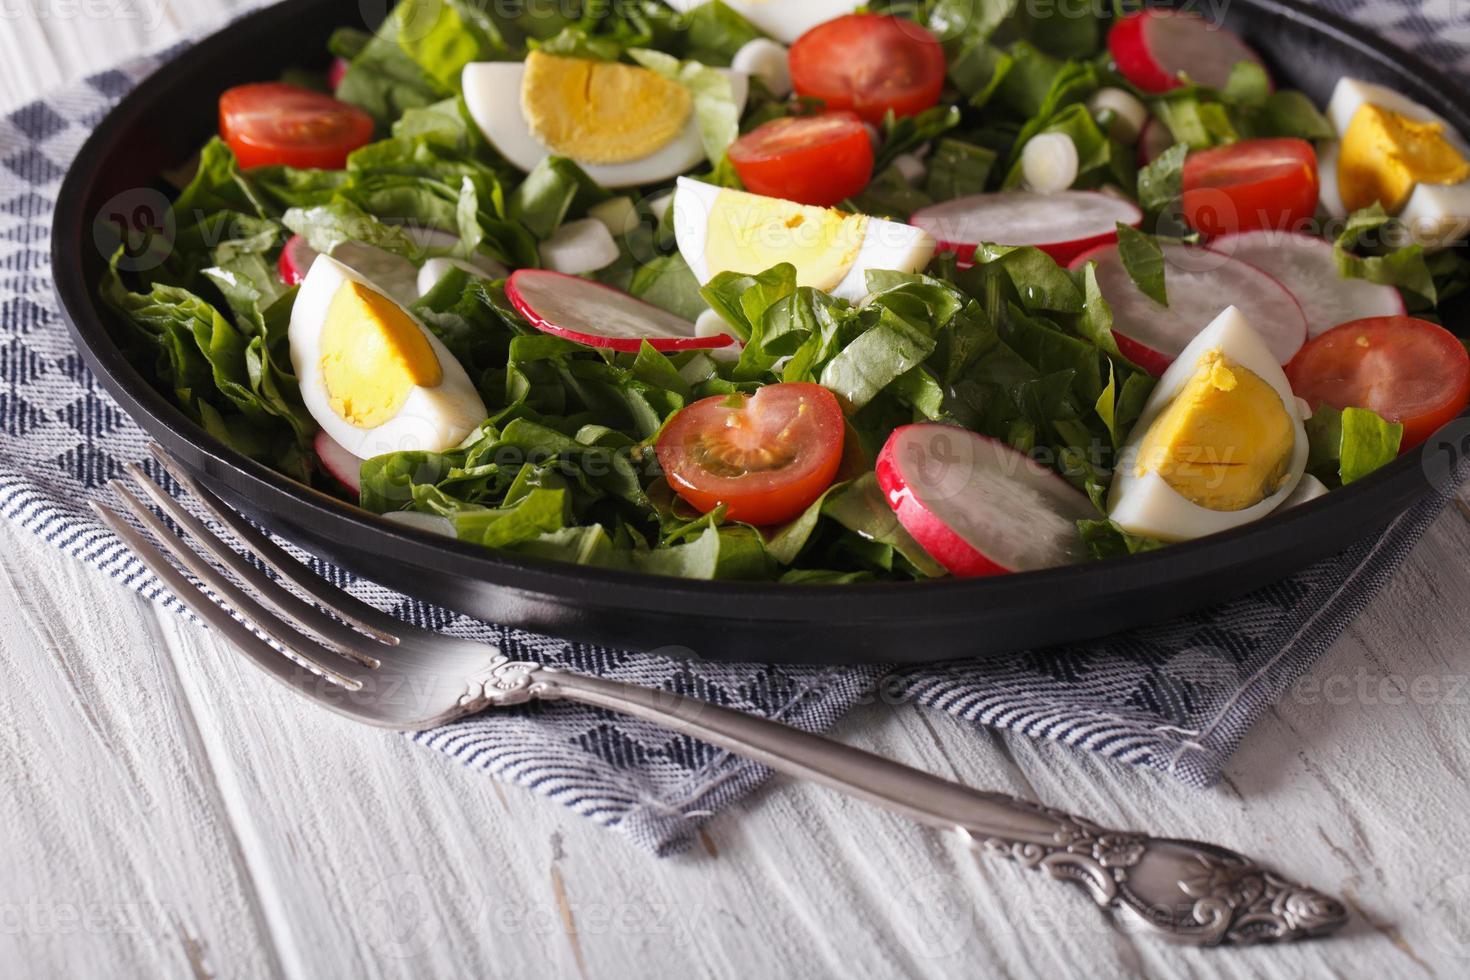 frischer Frühlingssalat mit Eiern, Tomaten, Radieschen und Kräutern foto